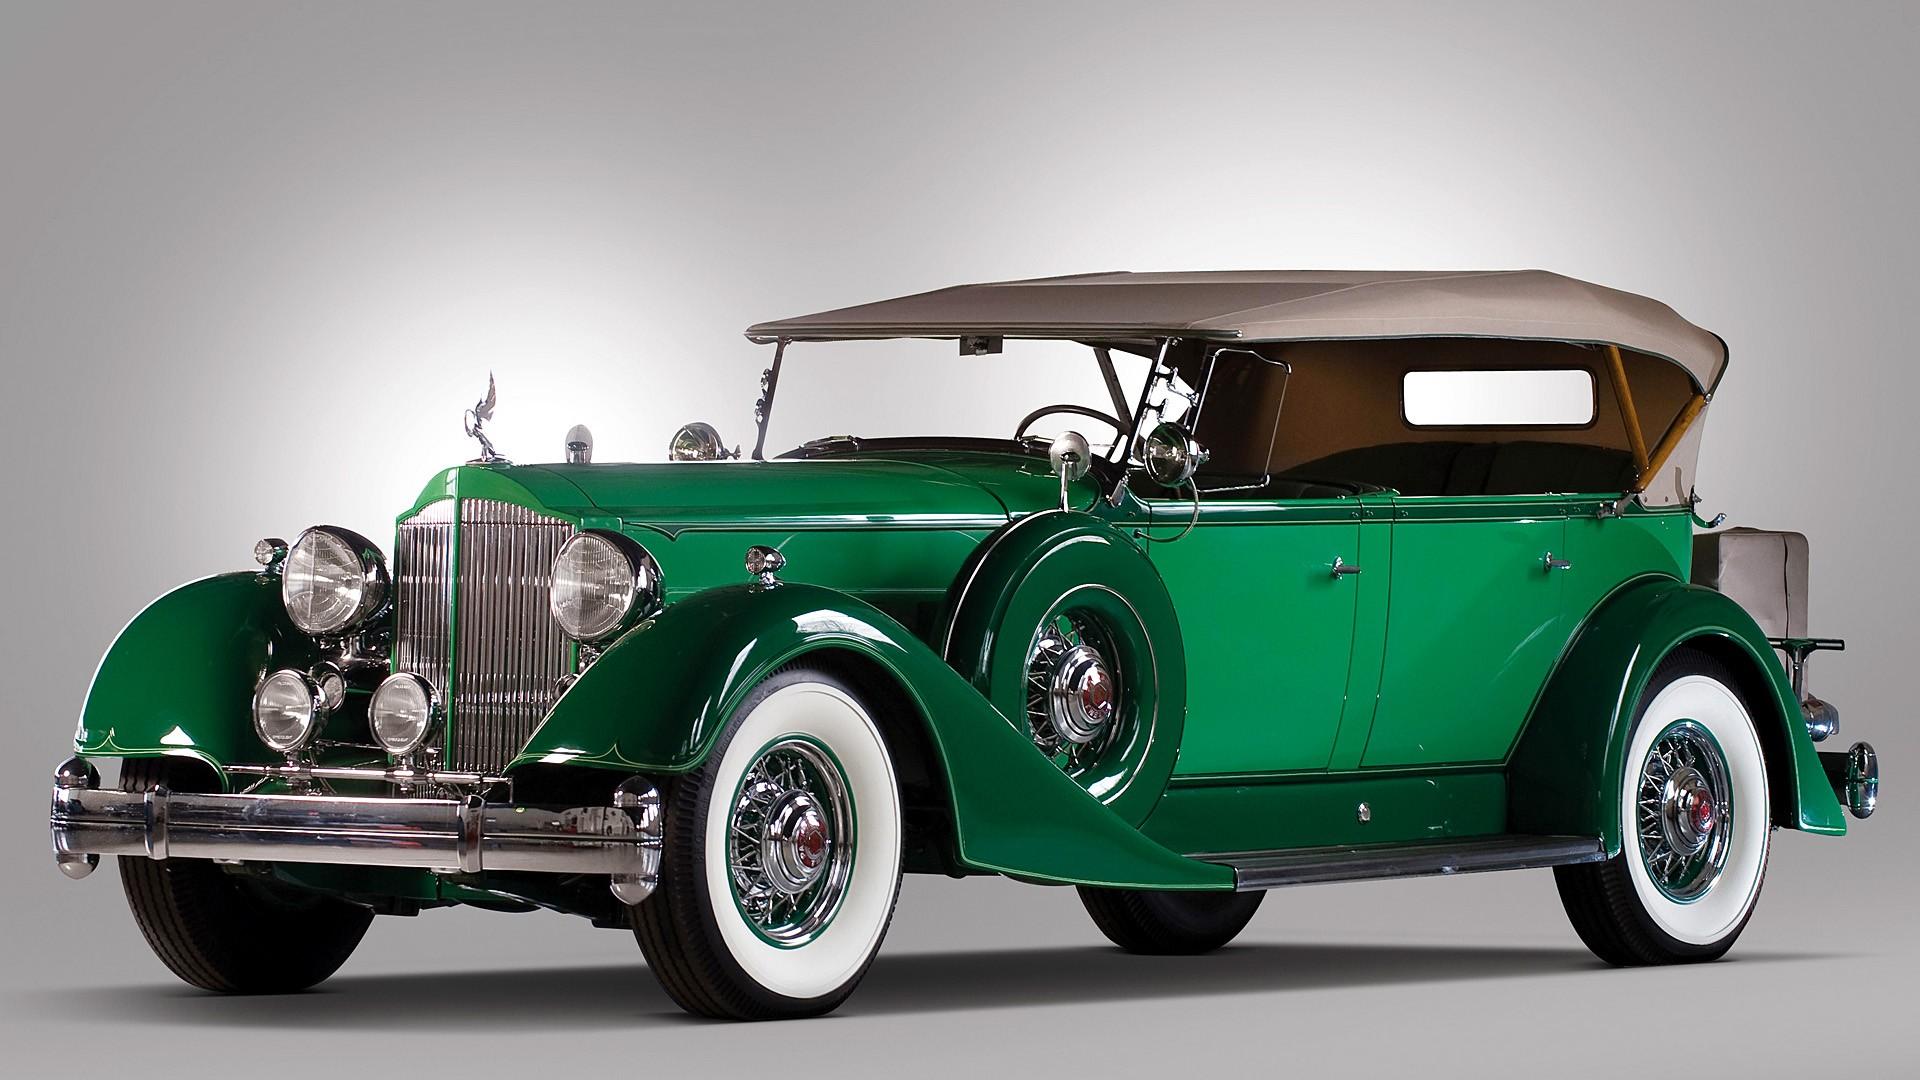 Classic Antique Vintage 4k Uhd Car Wallpaper: صور سيارات قديمة في اروع خلفيات ورمزيات سيارات تراثية